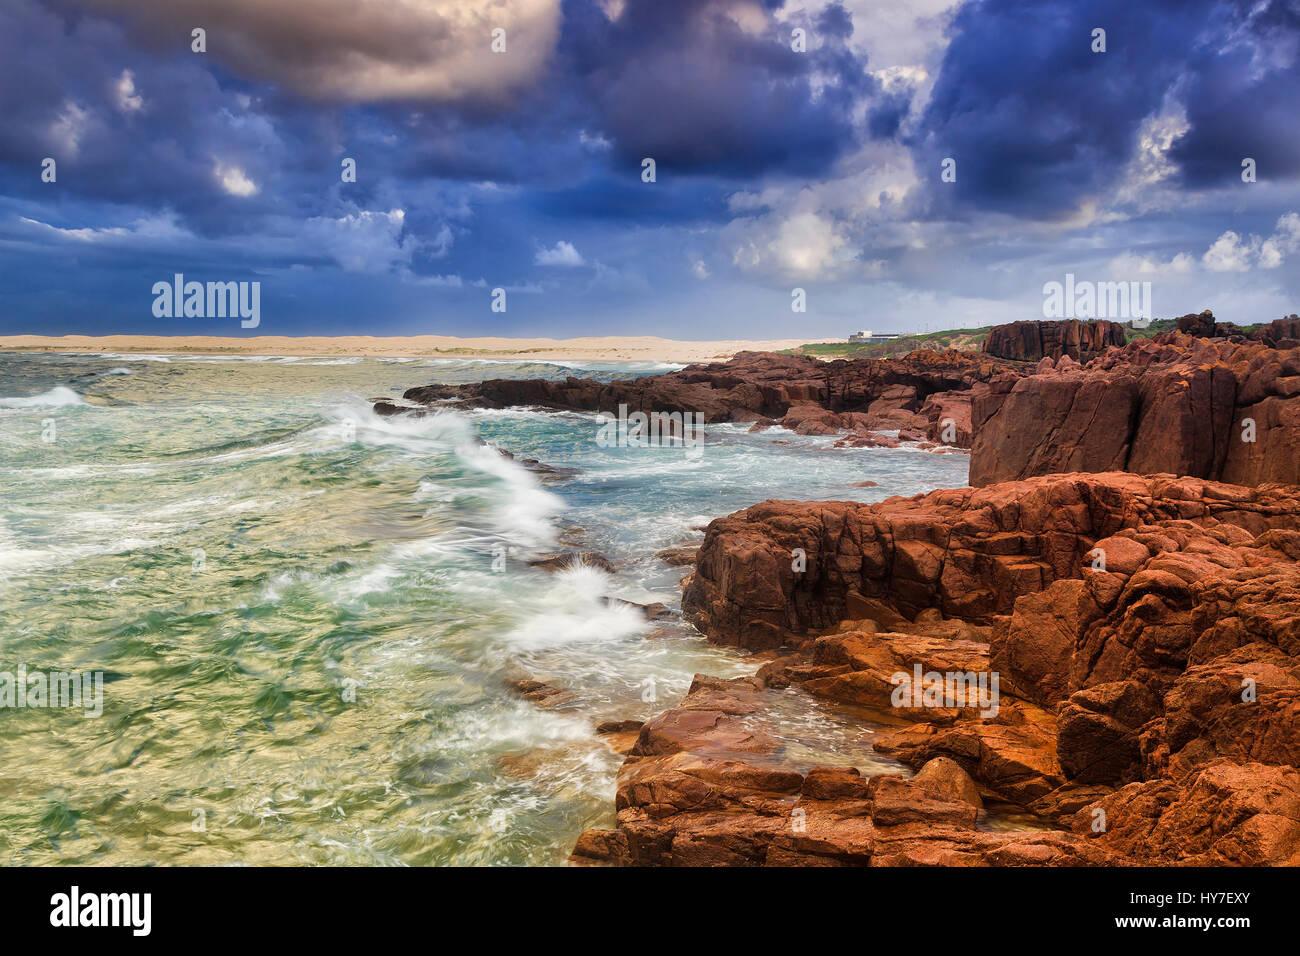 Costa rocosa la transición a las dunas de arena y la playa al amanecer tormentoso cerca de Port Stephens, NSW, Imagen De Stock